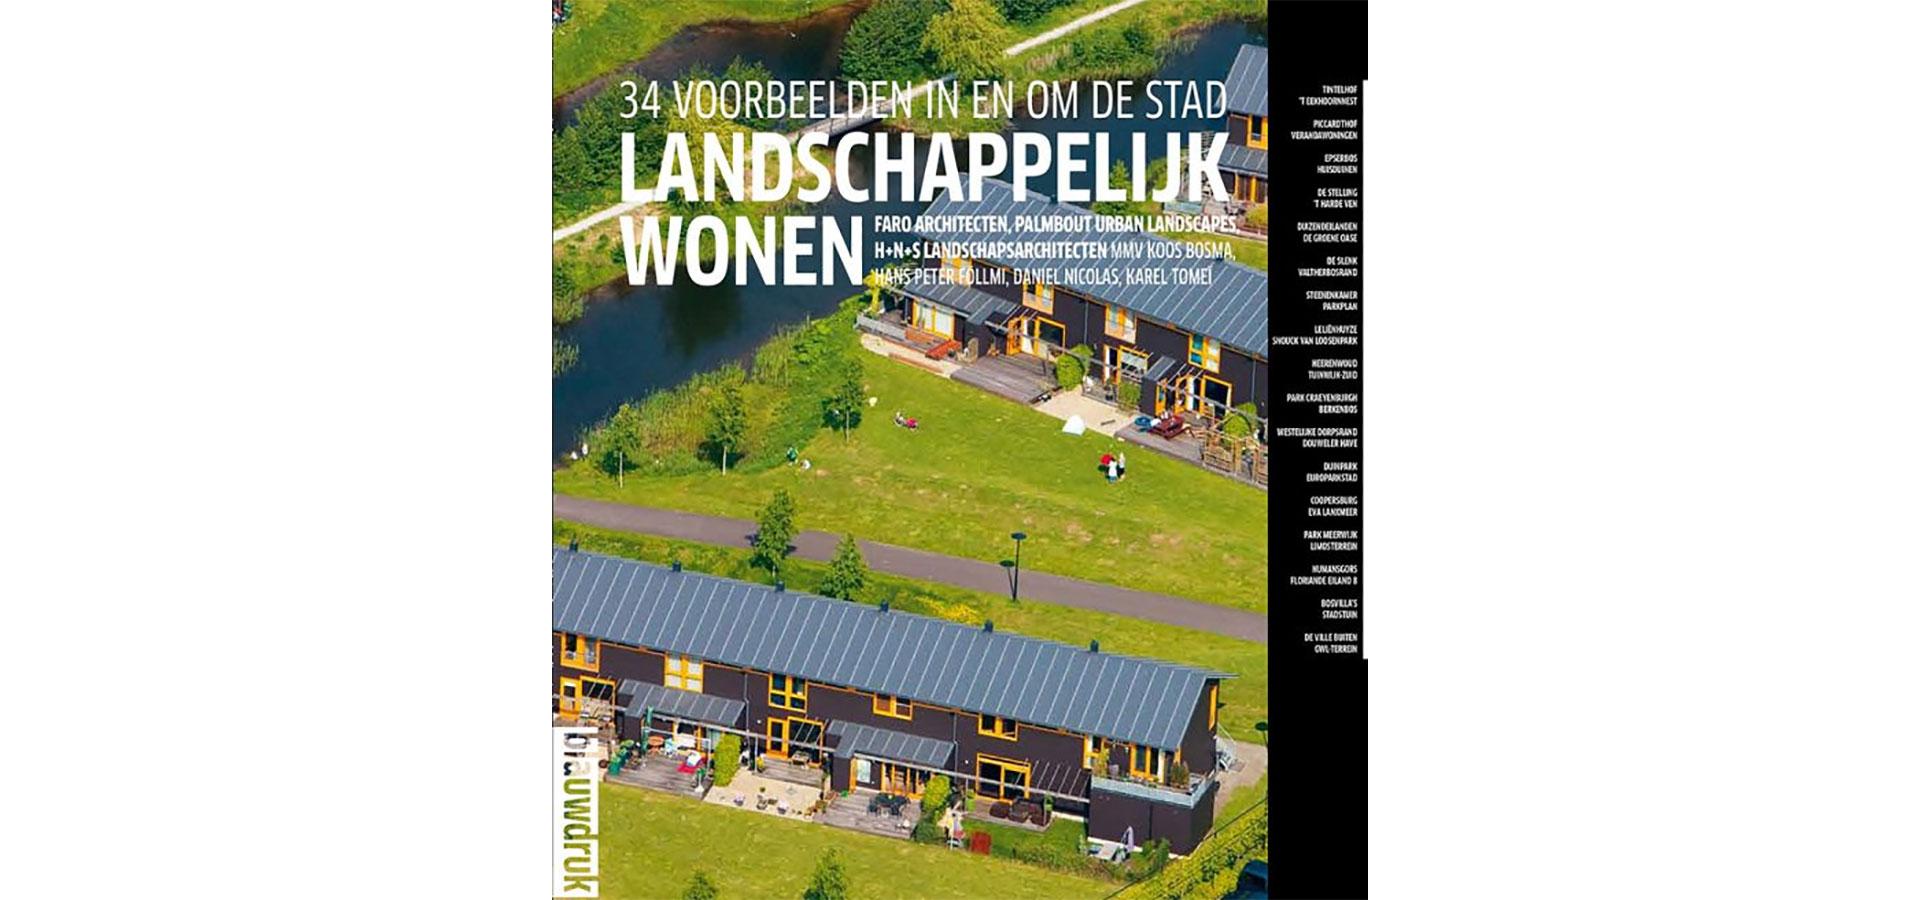 FARO architecten Landschappelijk Wonen 05